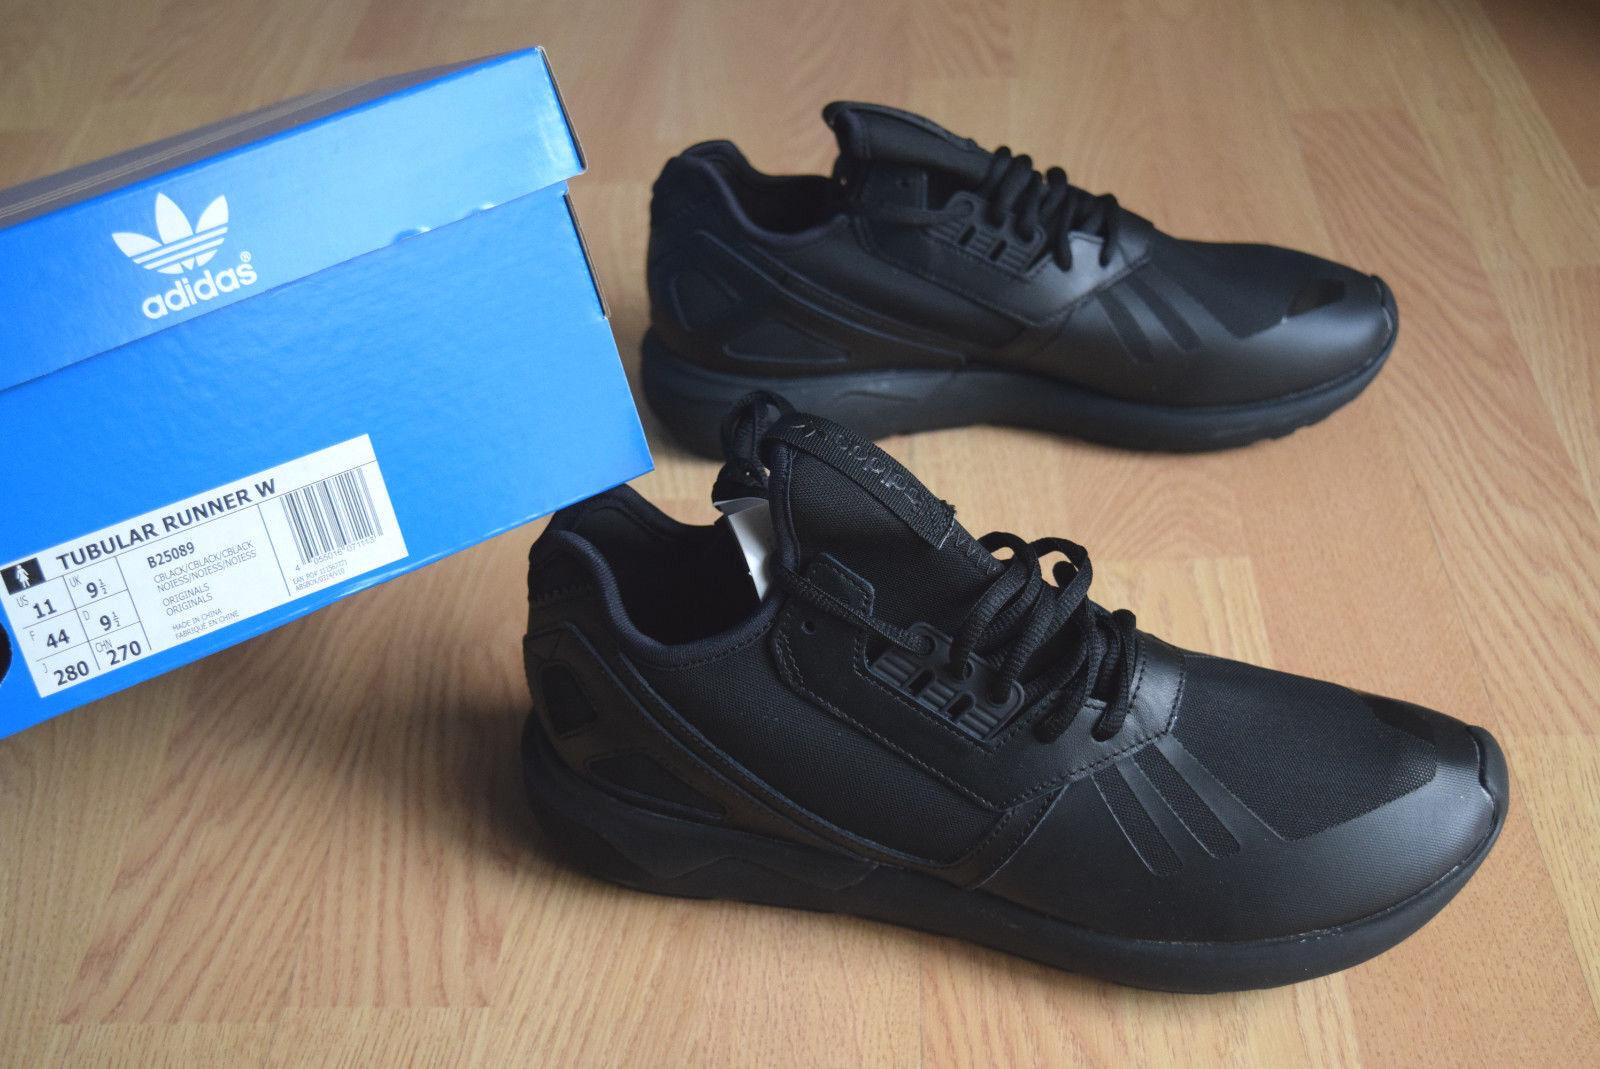 adidas Tubular Runner 38 39 40 41 42 43 yeEzY 44 45 B25089 shadow yeEzY 43 radial viral f33ead